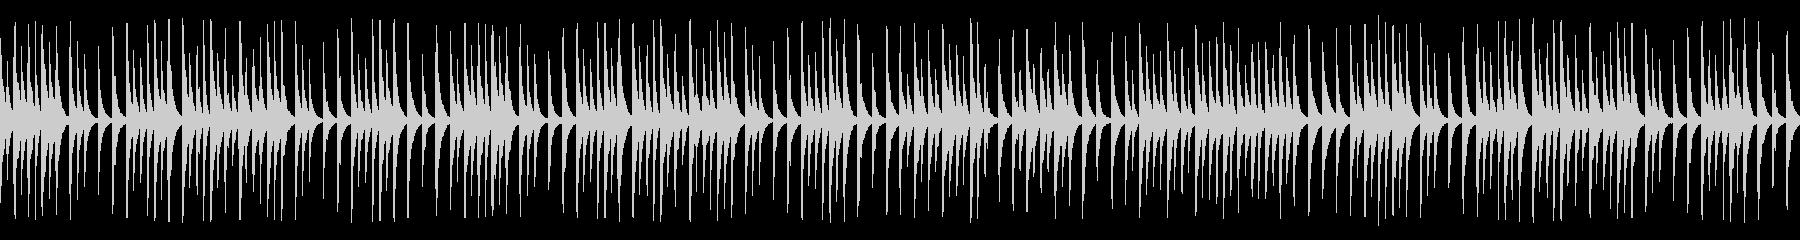 料理や教育教養系動画に合う木琴(ループの未再生の波形